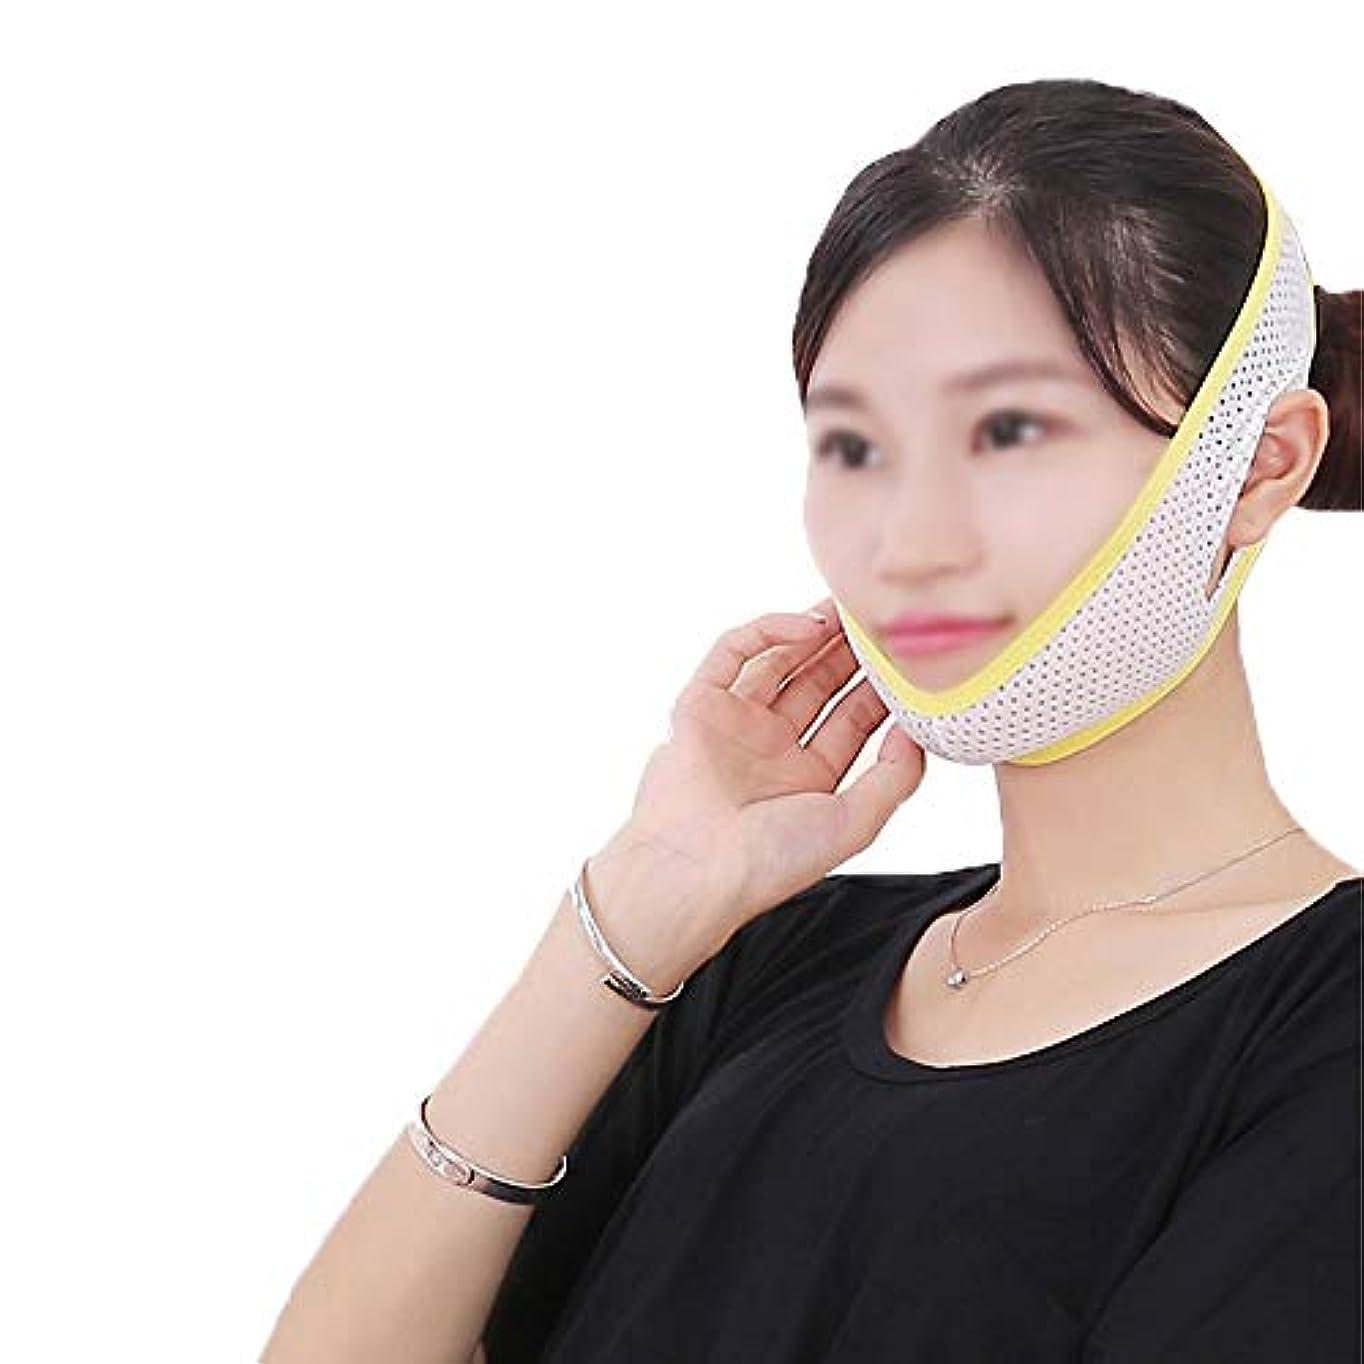 変換するどれか変化GLJJQMY 顔と首リフト薄いフェイスマスク強力な薄いフェイスツール締め付け薄いフェイスマスクアーティファクト薄いフェイス包帯薄い顔デバイス 顔用整形マスク (Size : M)